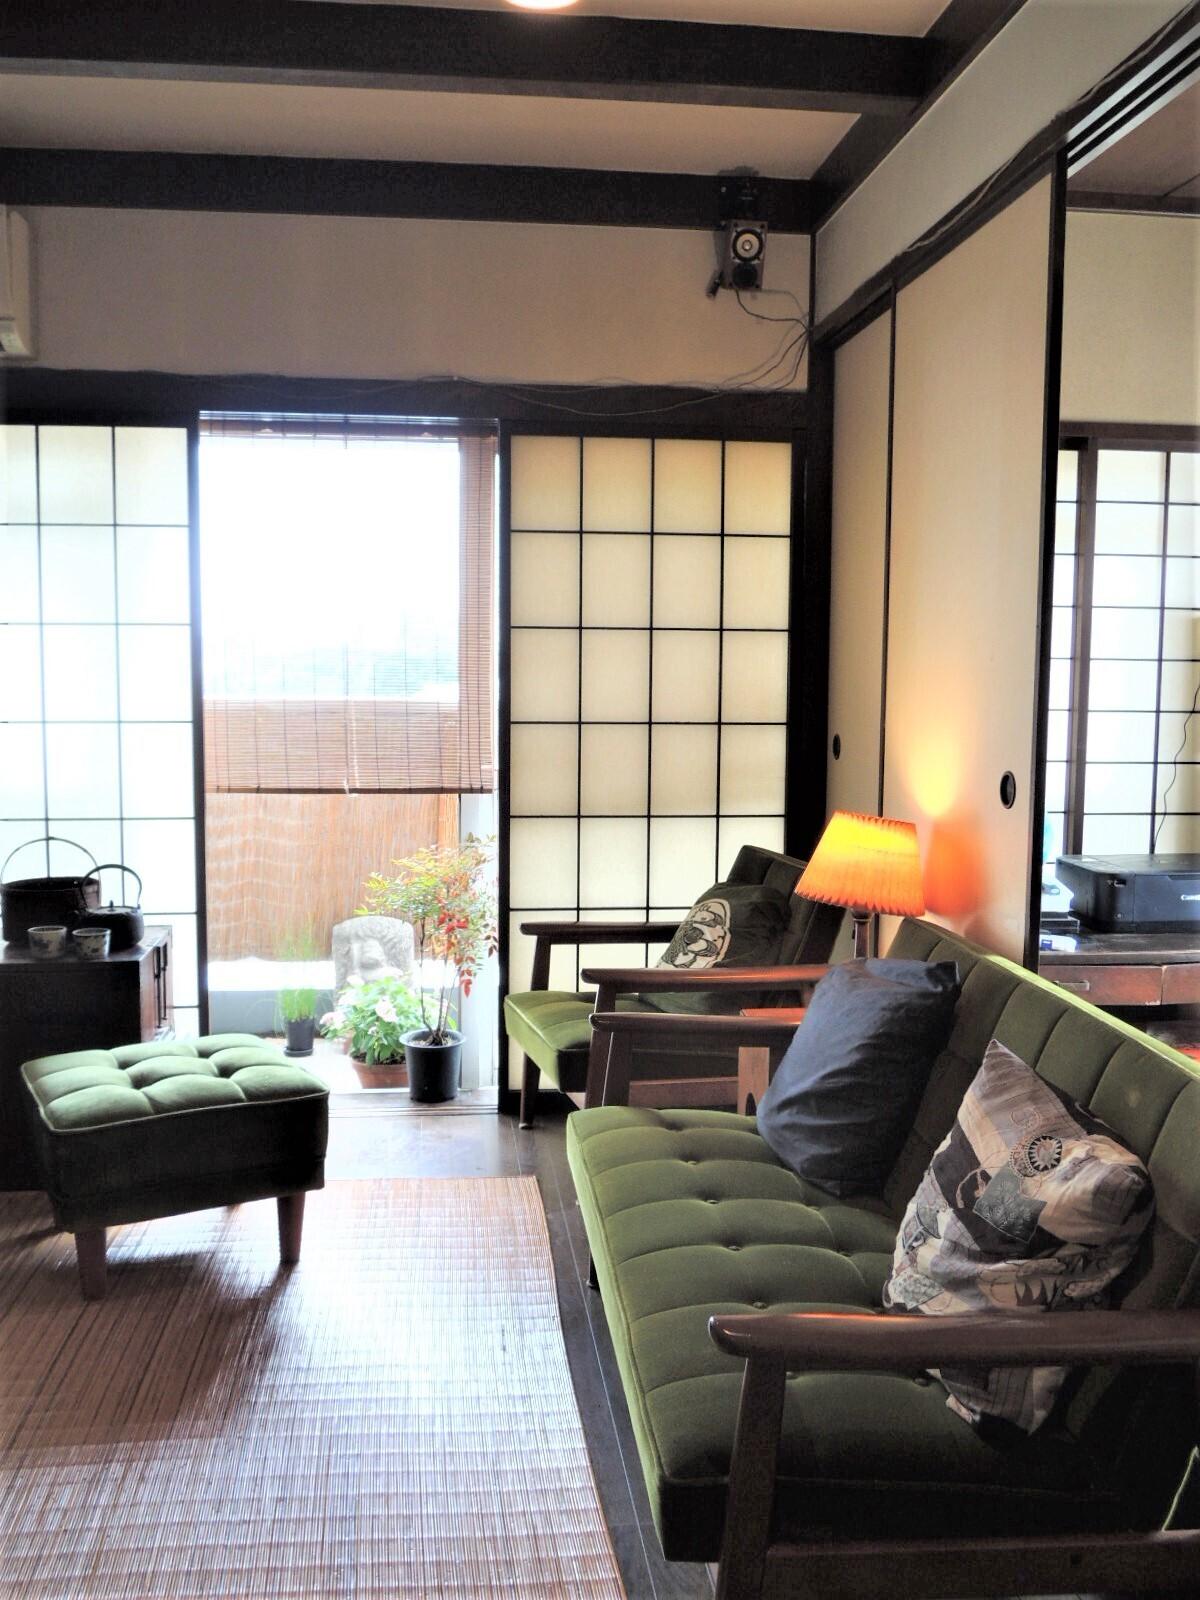 夫婦で暮らす、和風が好きなお客様のマンションリフォームの建築事例写真